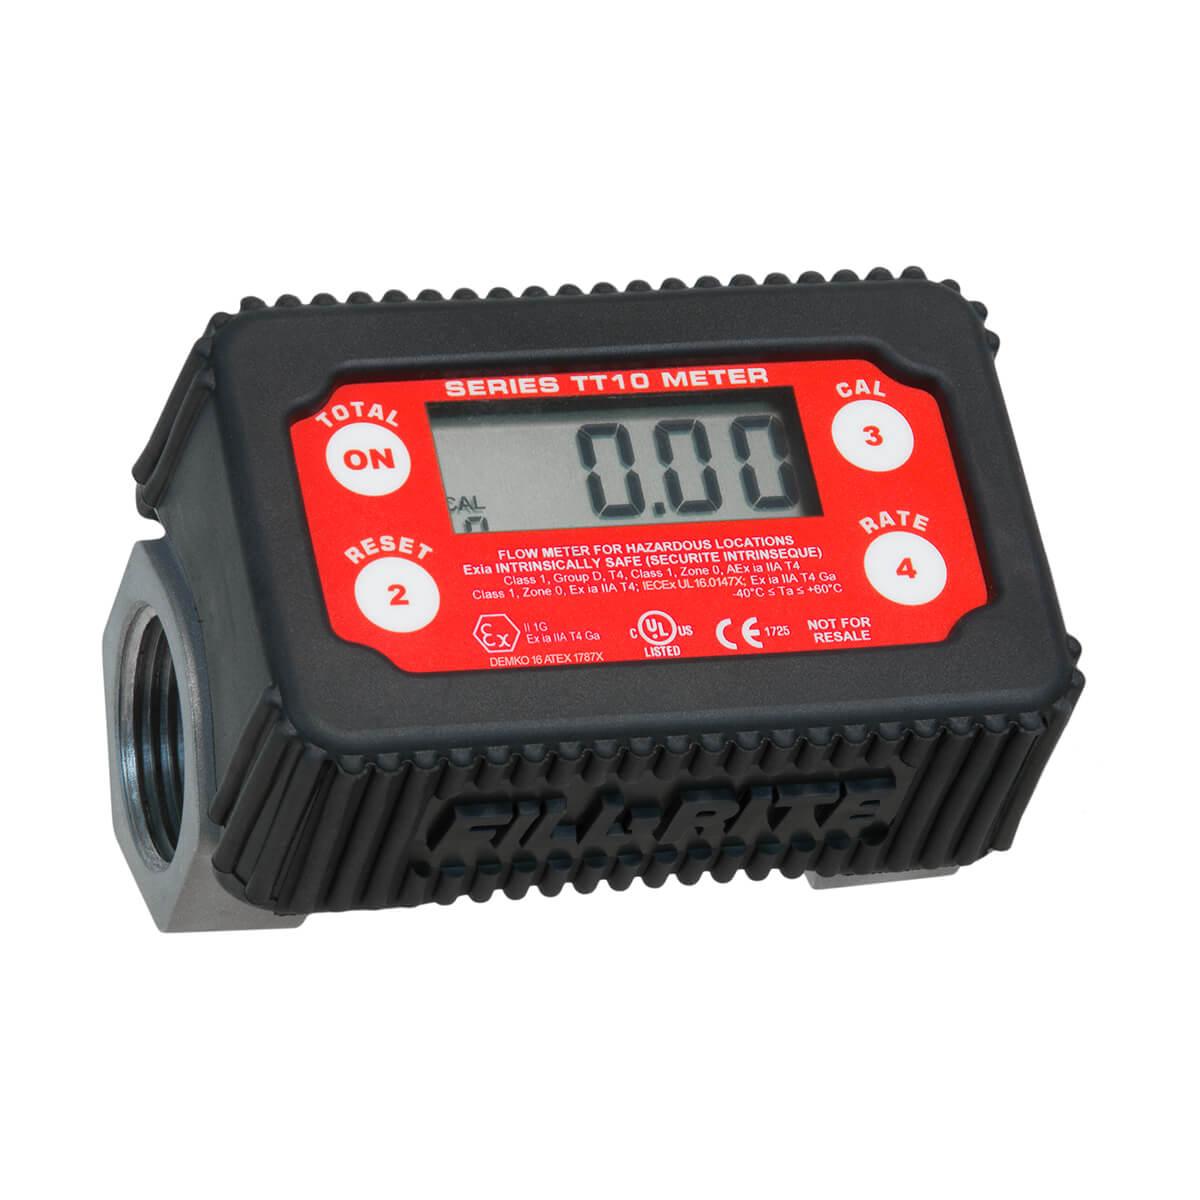 In-Line Digital Turbine Meter